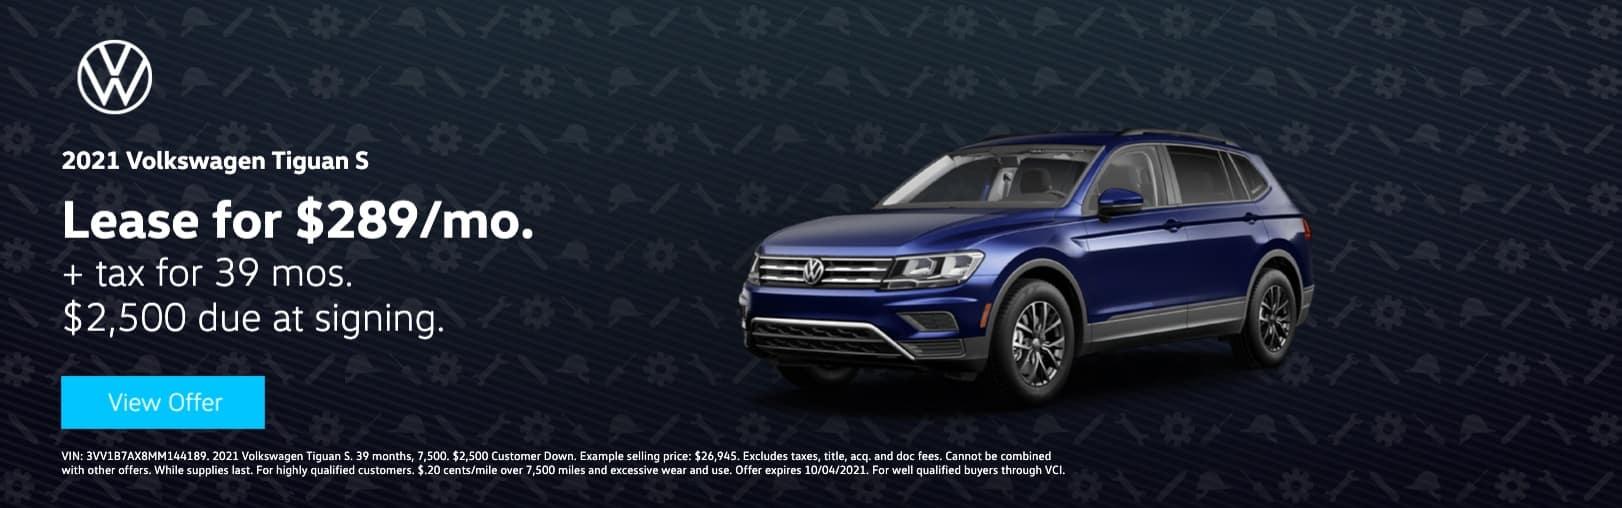 Volkswagen South Coast_test_website_3vv1b7ax8mm144189_1622 x 508_2021_volkswagen_tiguan_s__2